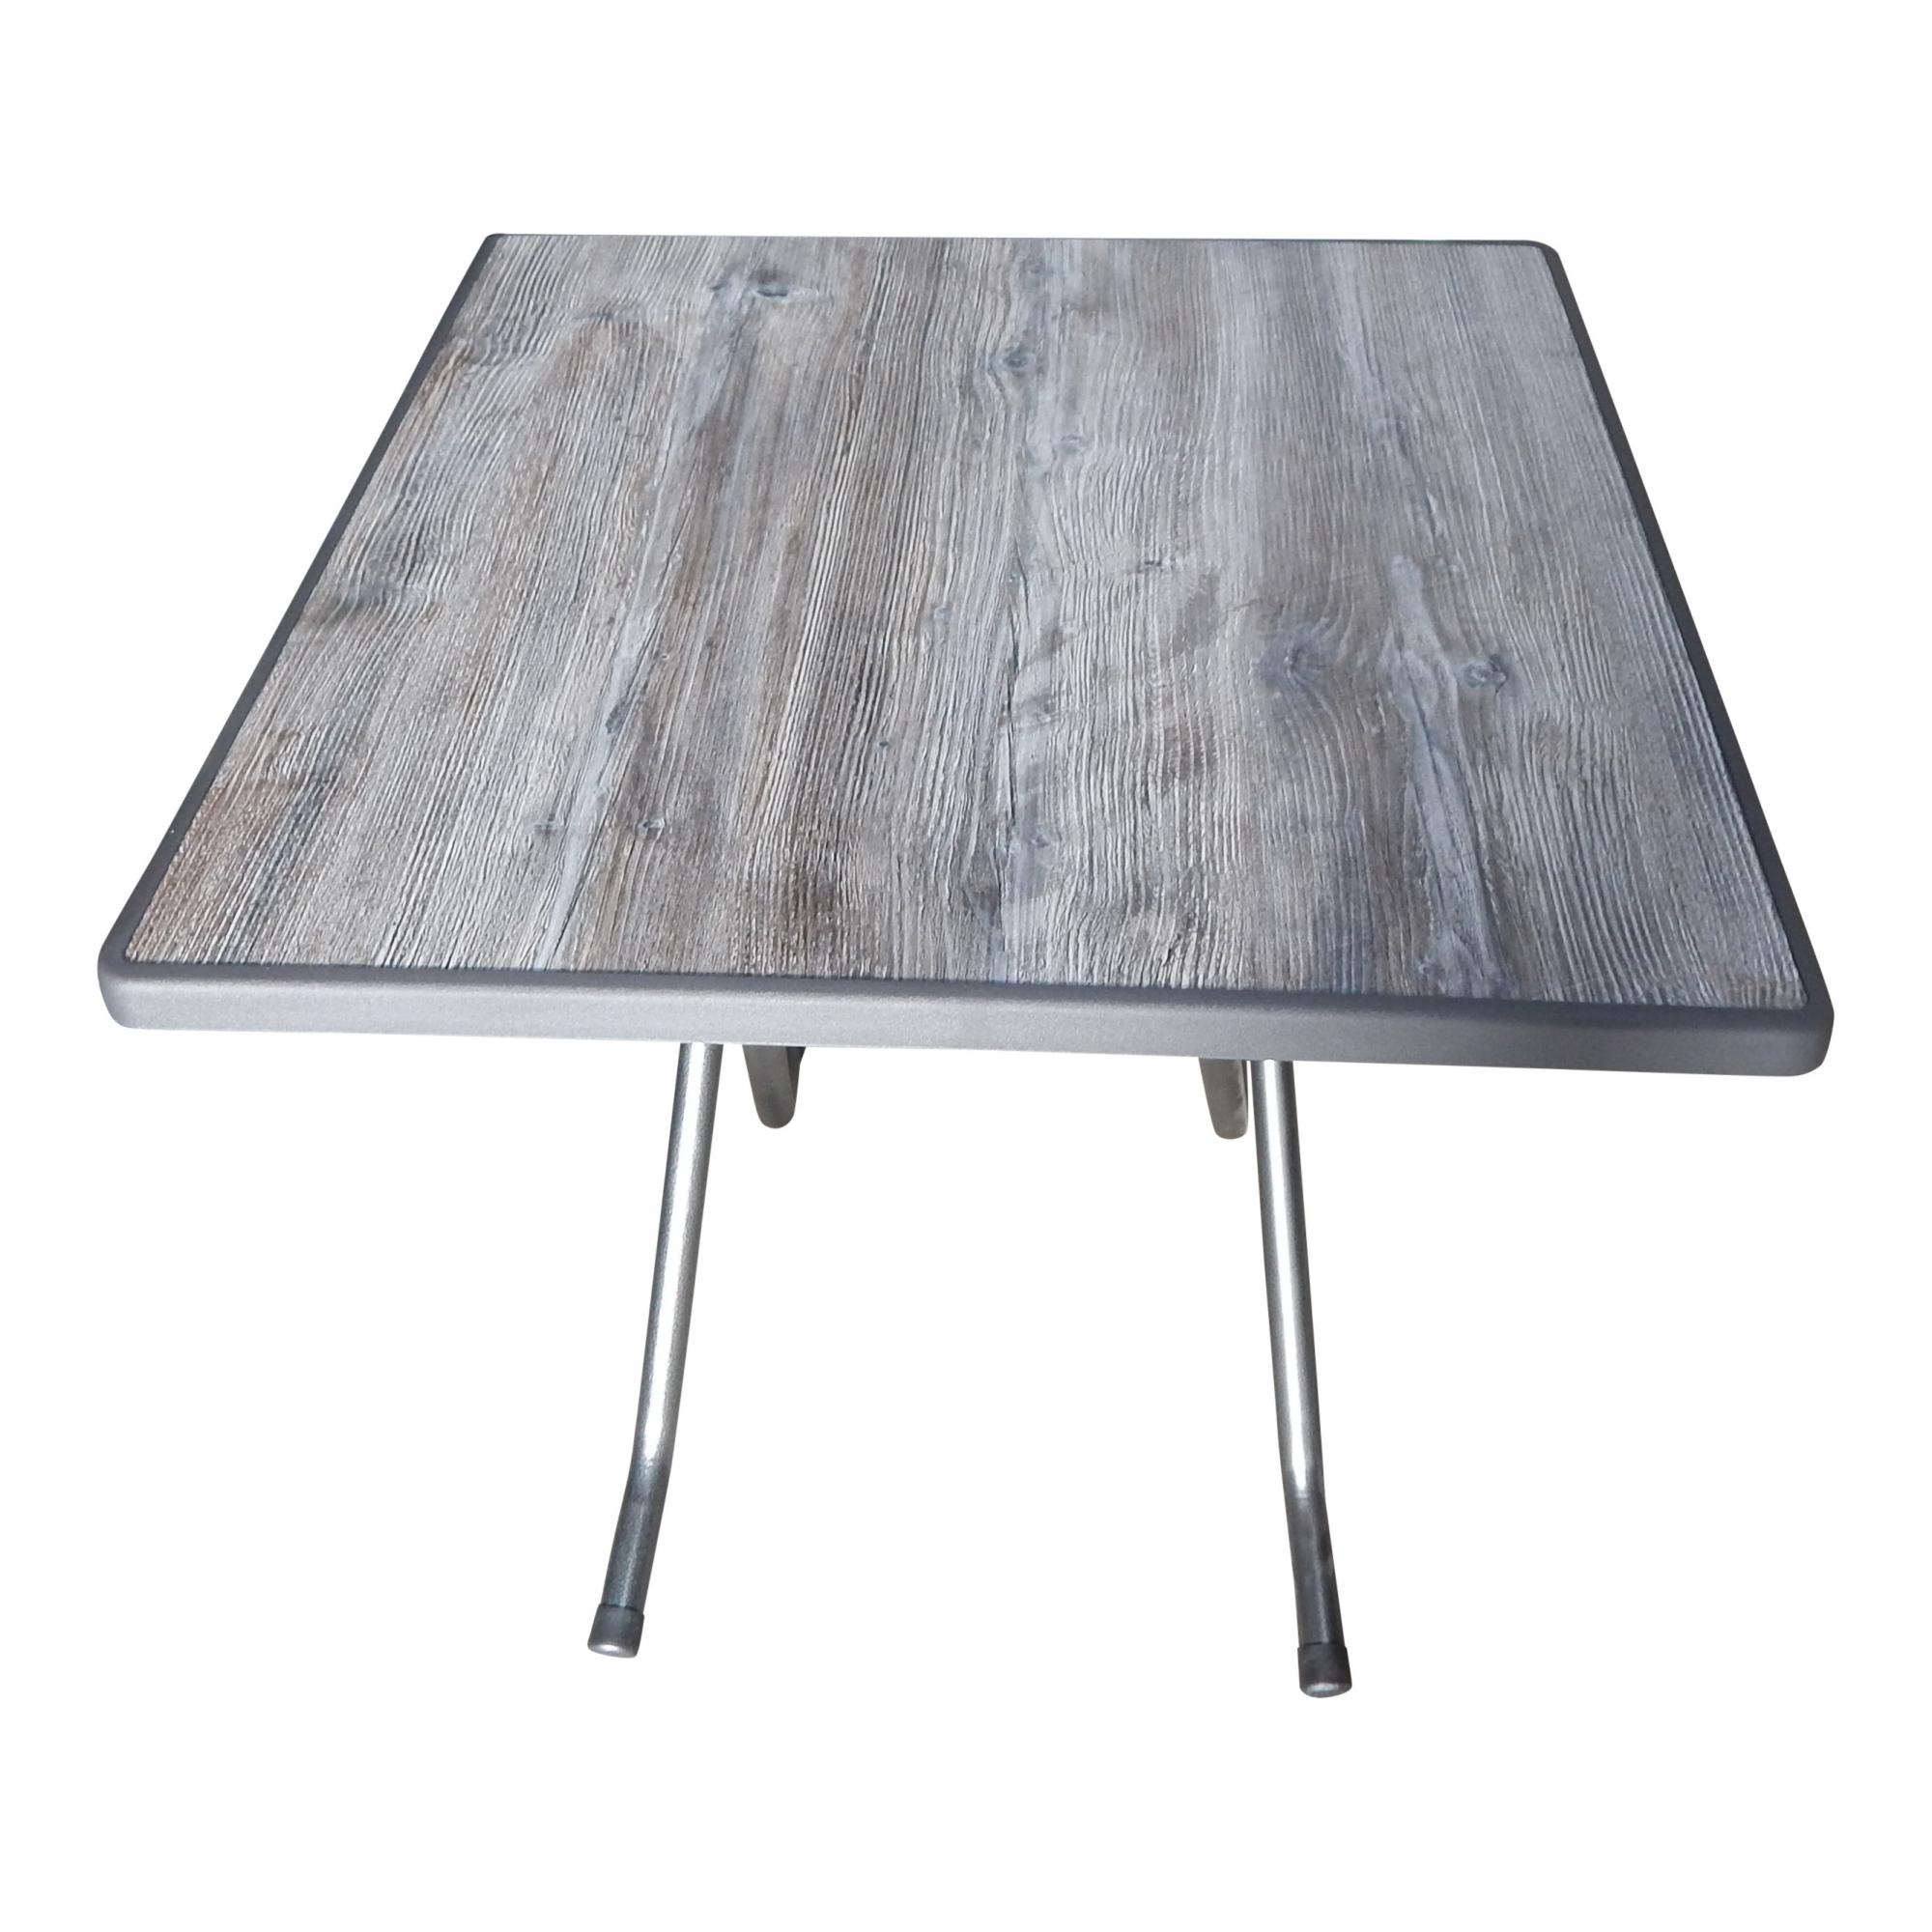 Terras tafels